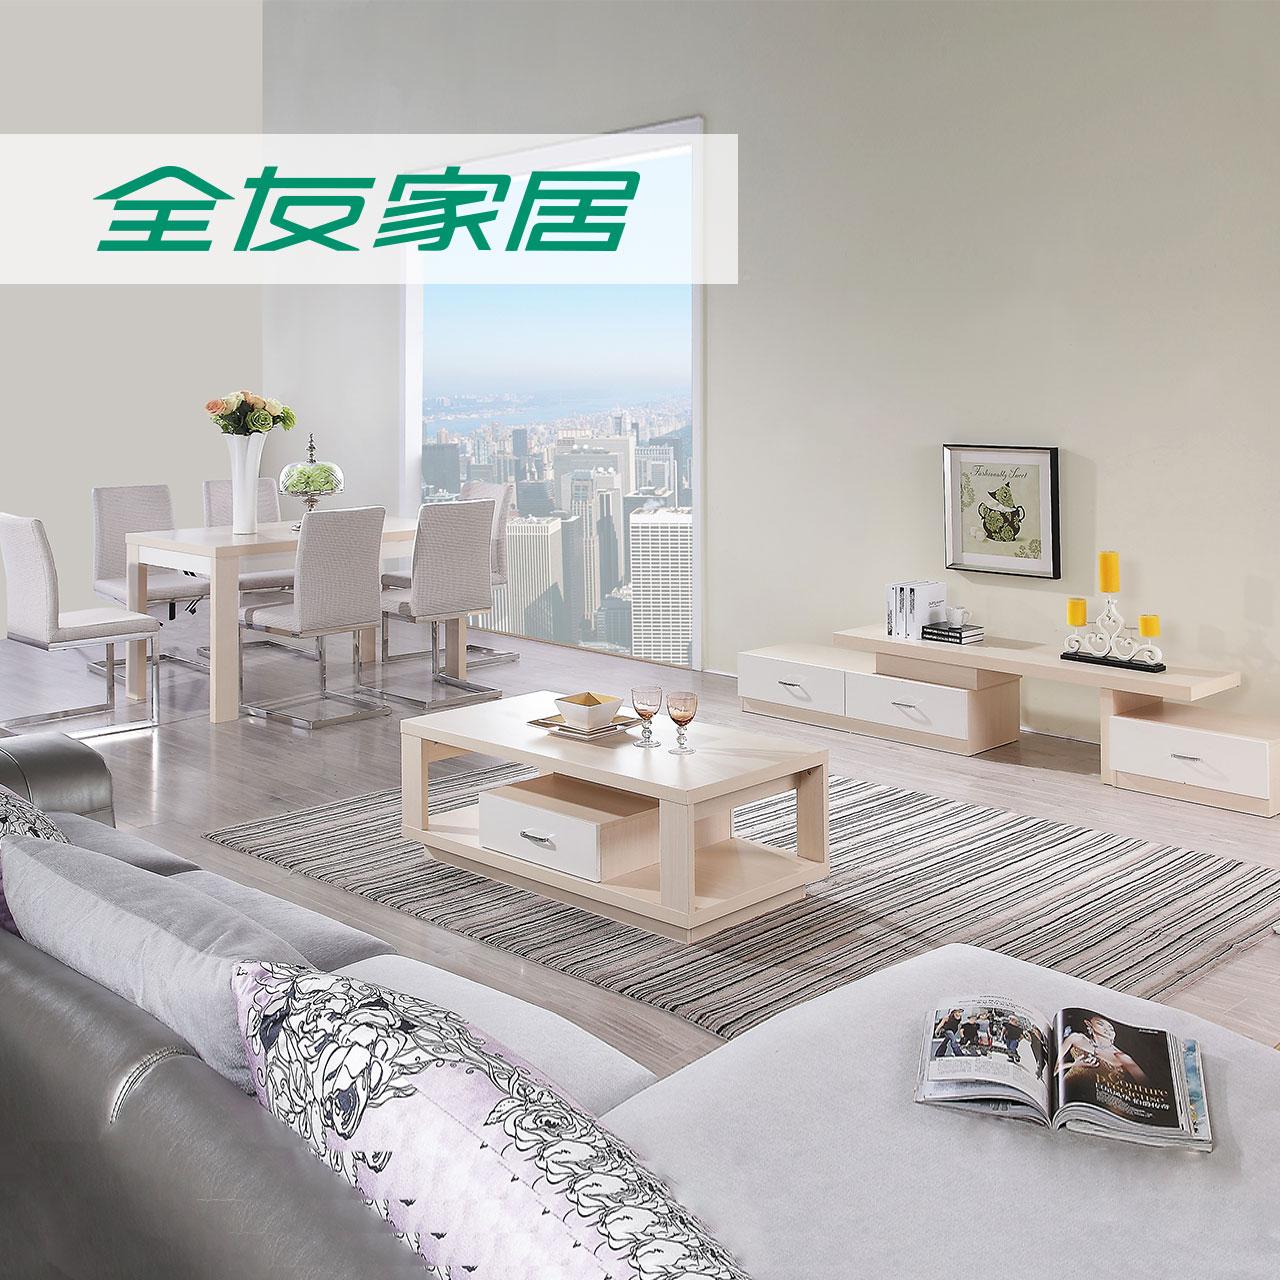 Собирать все друг домой частное гостиная большие пакеты современный простой 1 стол 4 стула + телевизионный шкаф + кофейный столик сочетание 120026